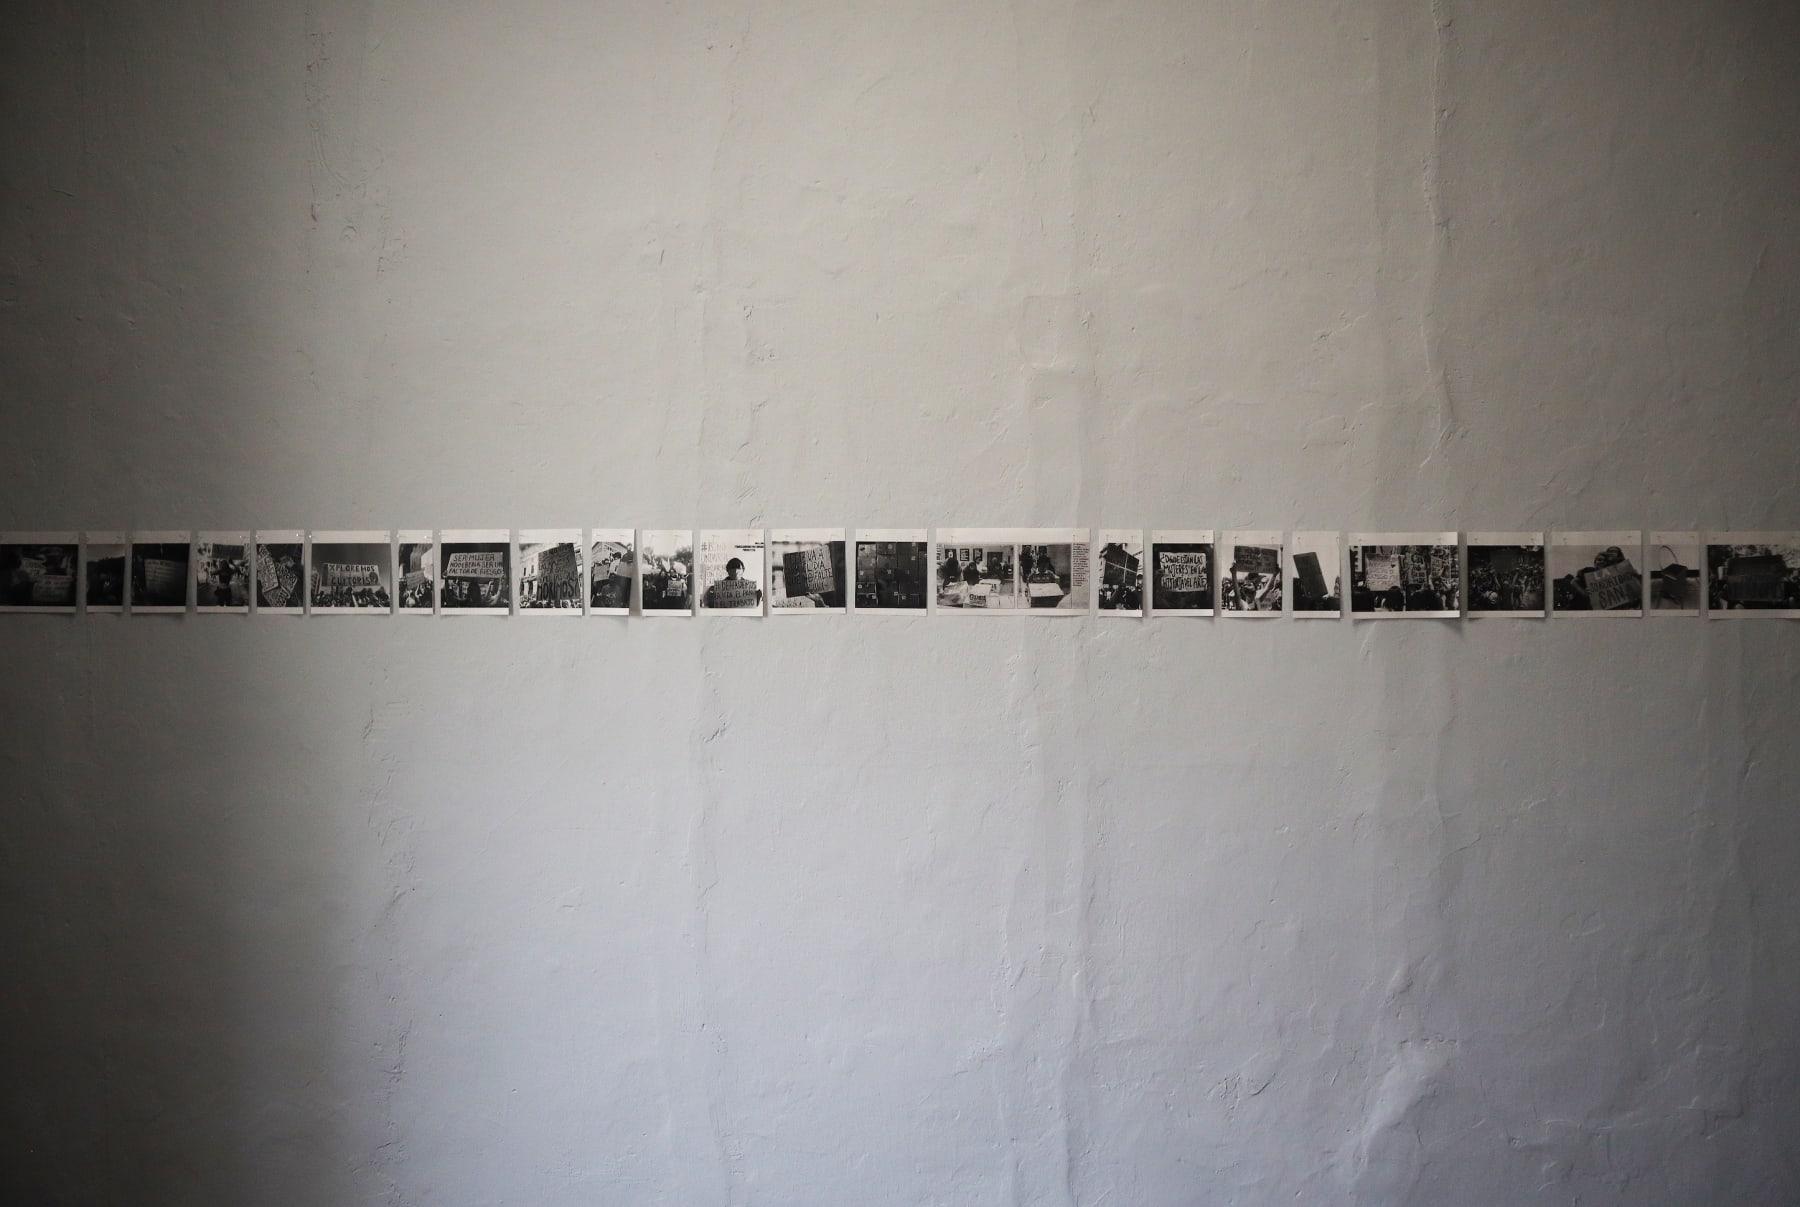 Natalia Iguiñiz , Dejo este cuerpo aquí, 2020 Installation view